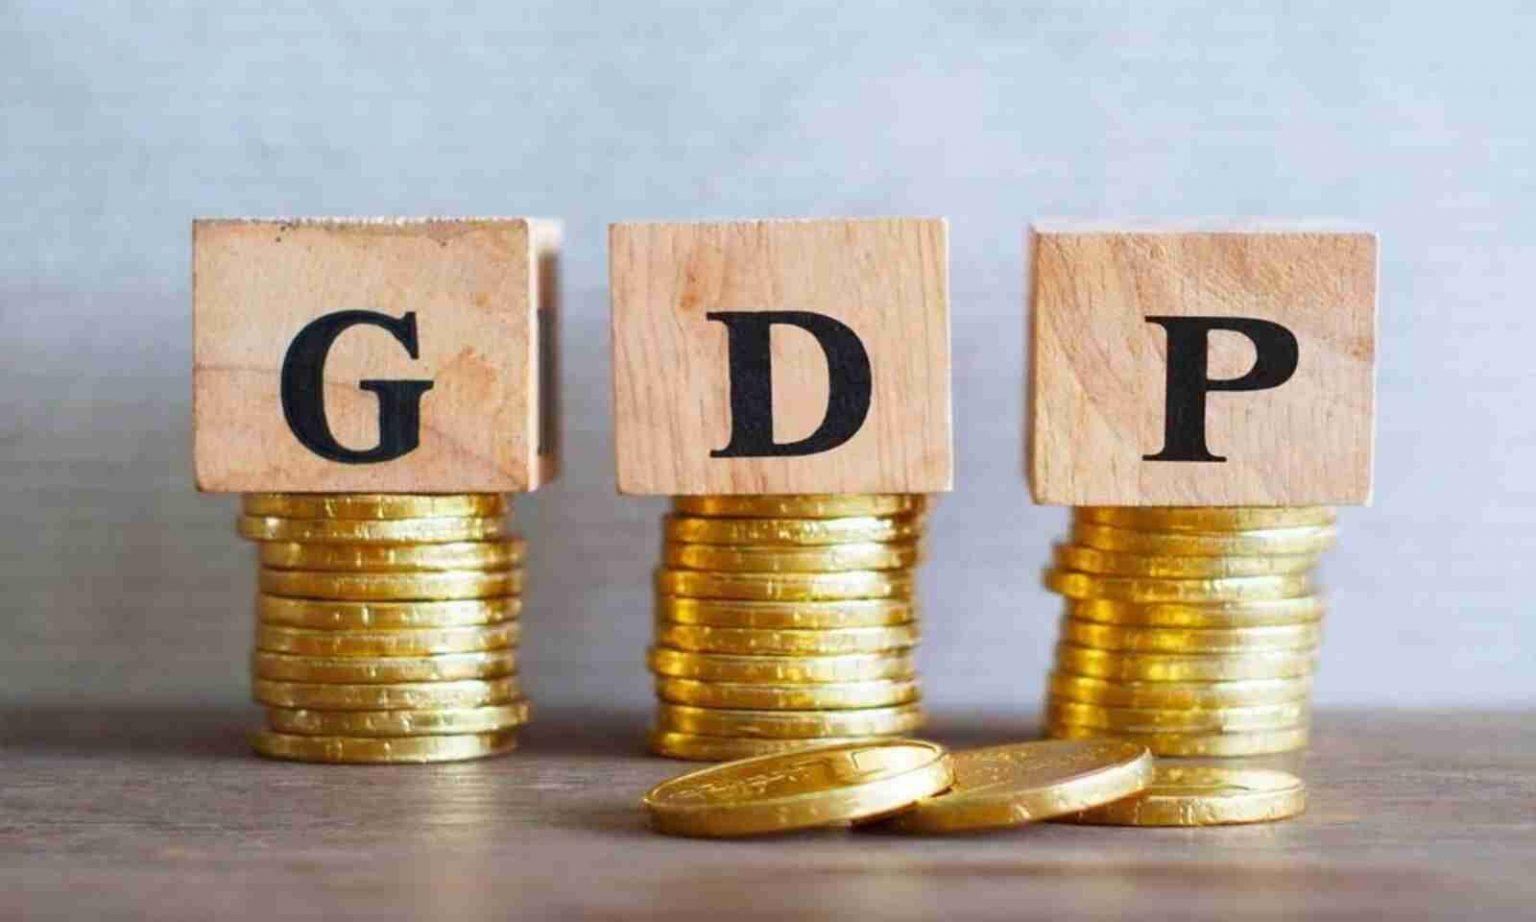 CII projects India's FY22 GDP growth at 9.5%| സിഐഐ ഇന്ത്യയുടെ എഫ്ഡി 22 ജിഡിപി വളർച്ച 9.5 ശതമാനമായി കണക്കാക്കുന്നു_40.1